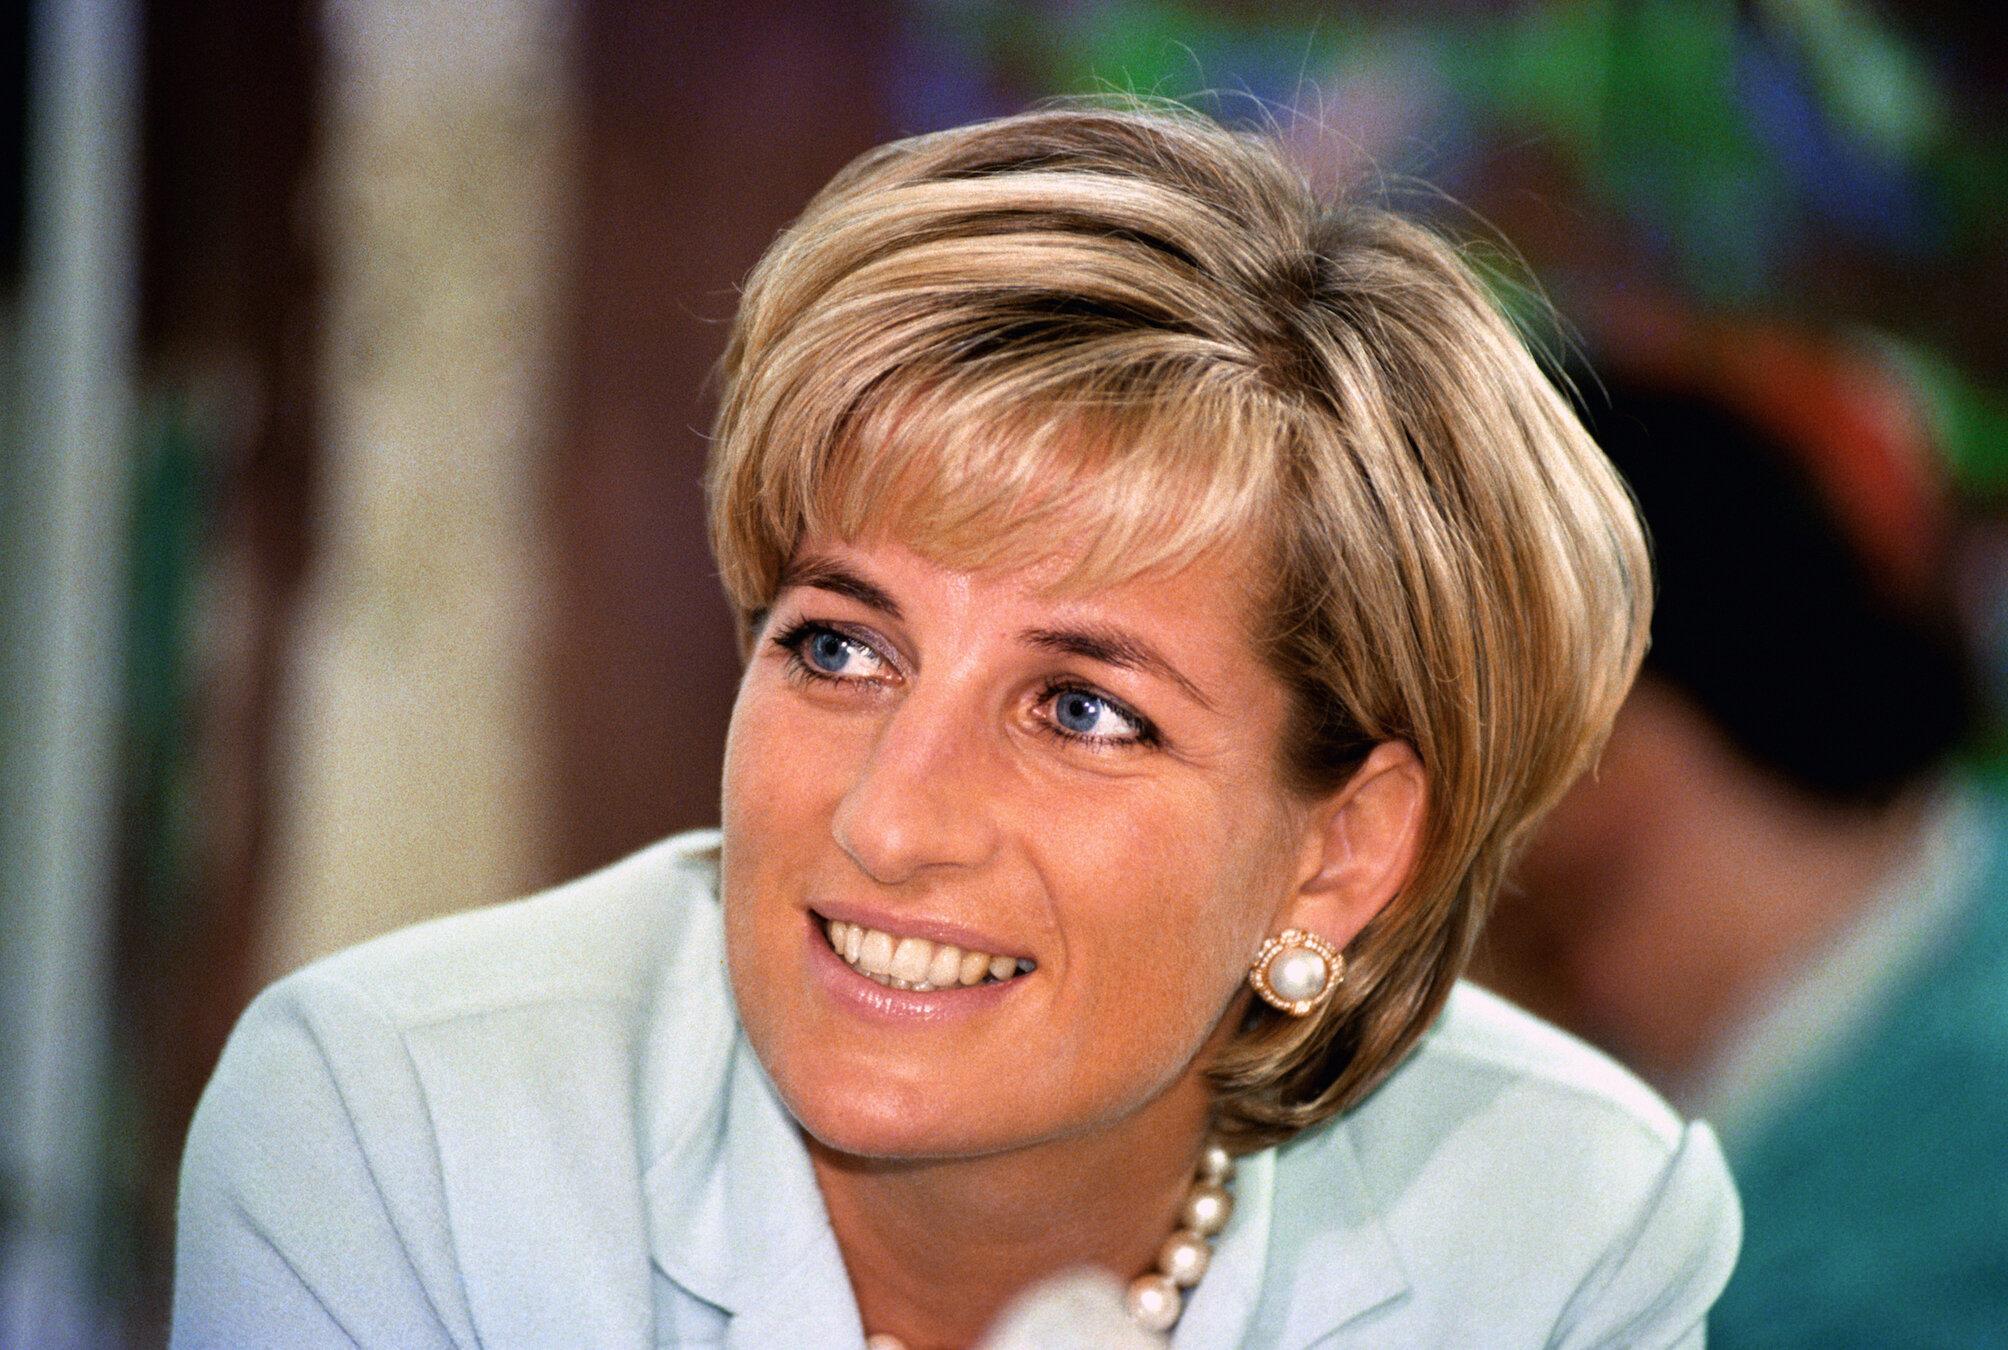 Nach der Trennung von Prinz Charles versuchten viele Männer, bei Prinzessin Diana zu landen.  © picture alliance / empics